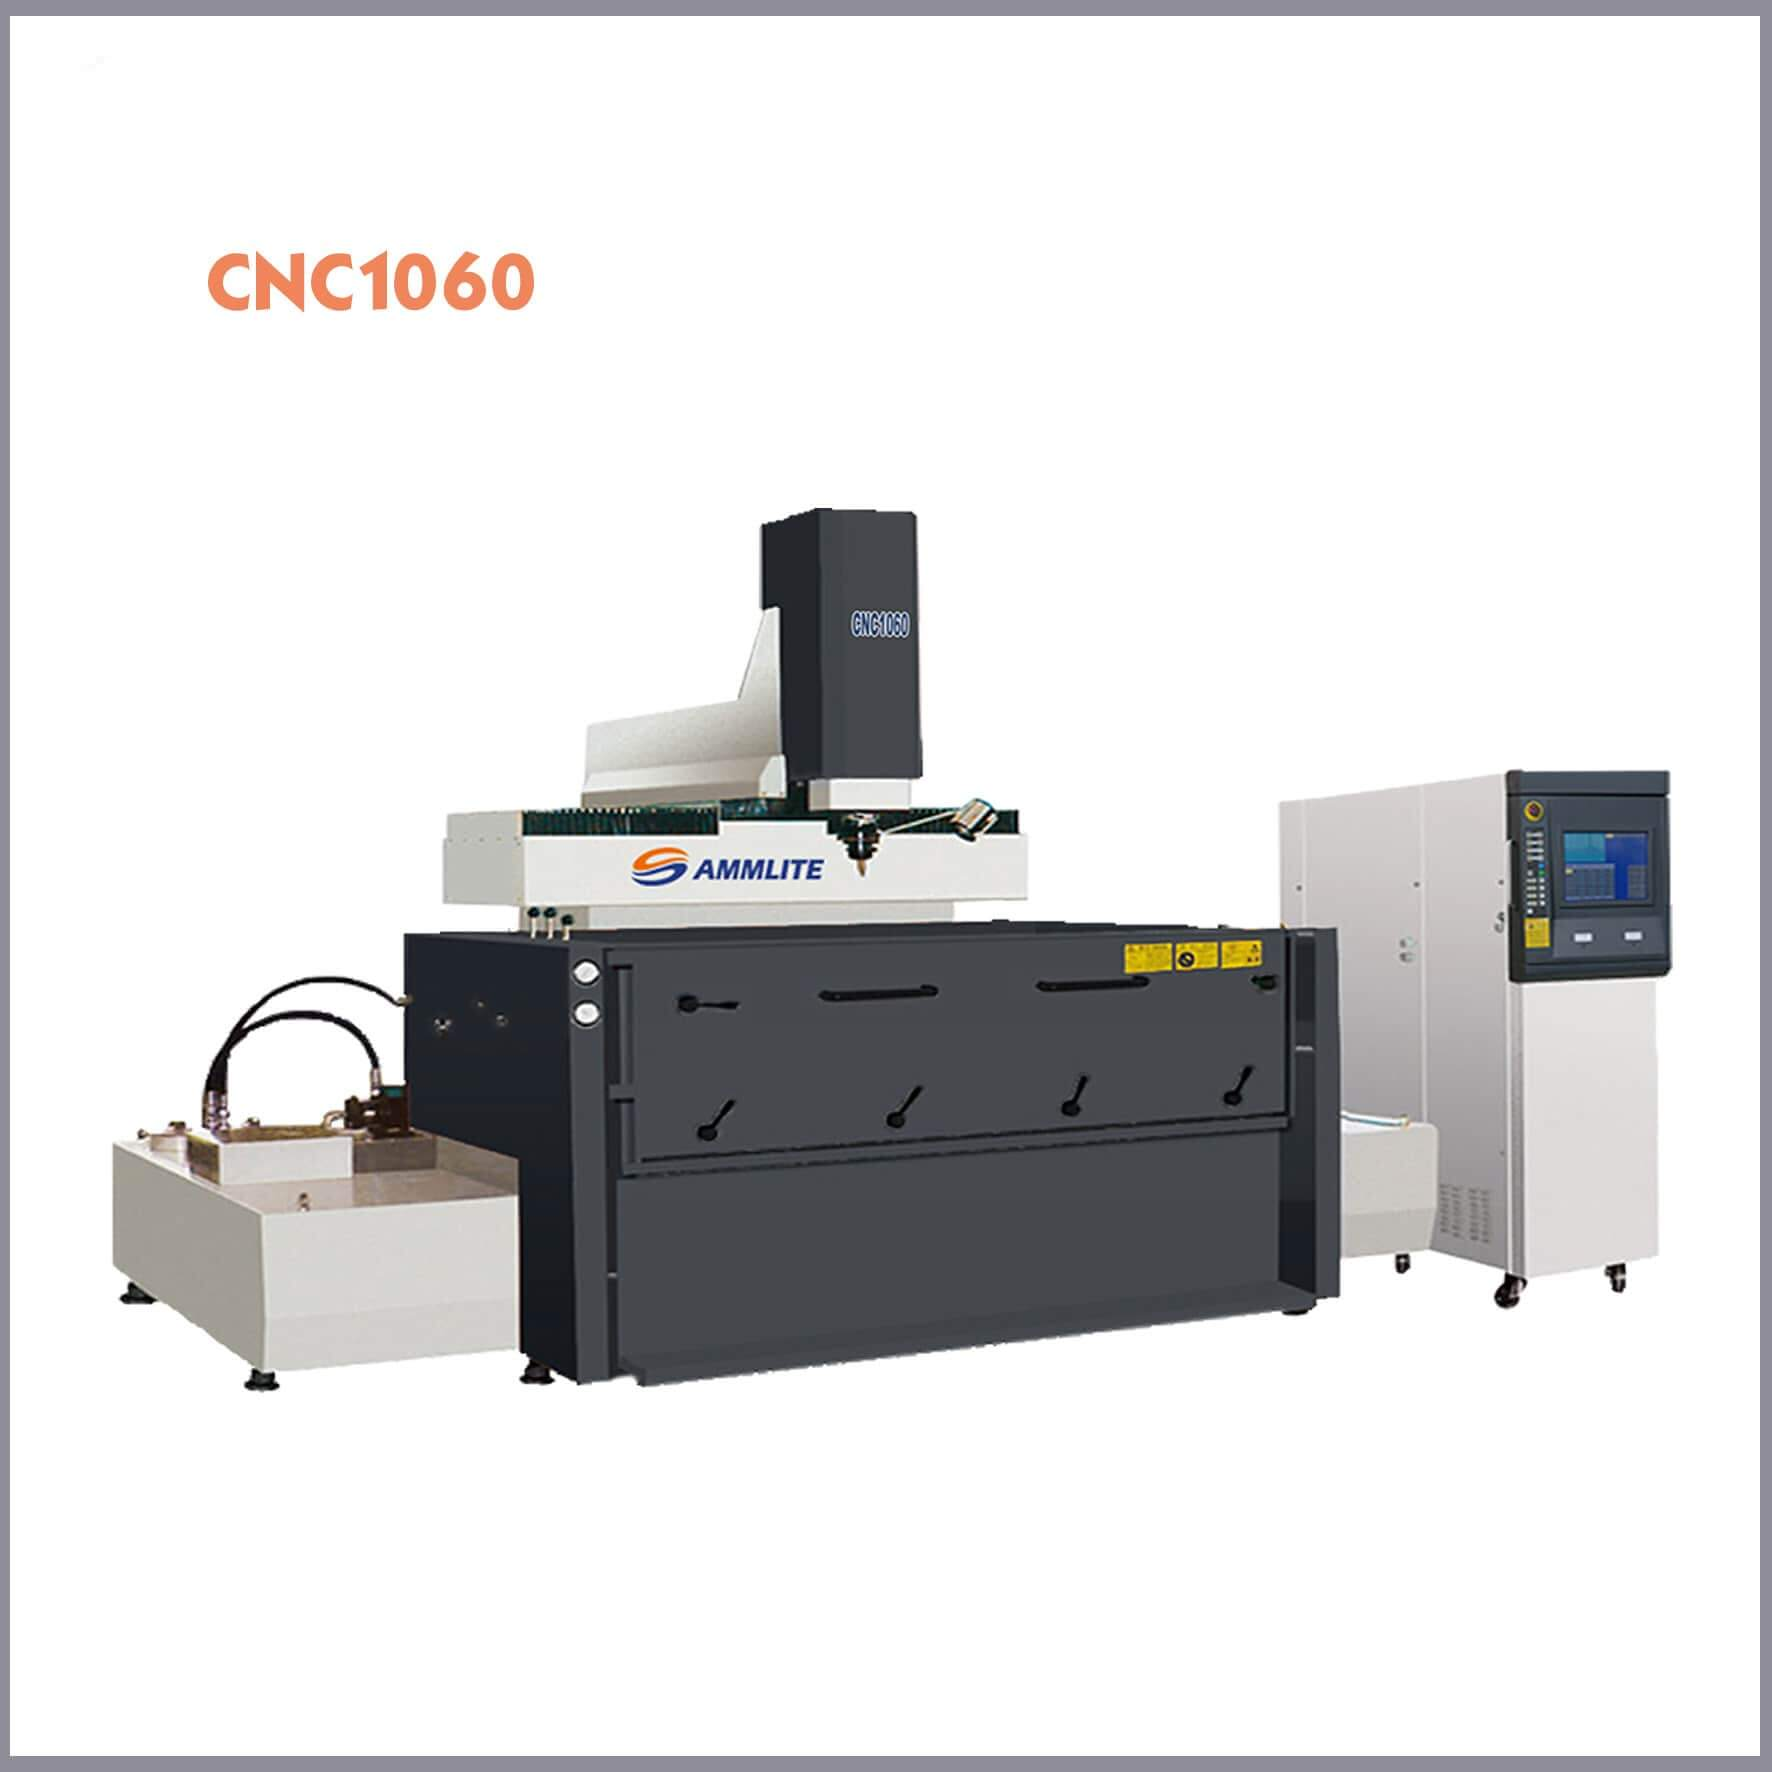 CNC1060 Dalma Erozyon Tezgahı